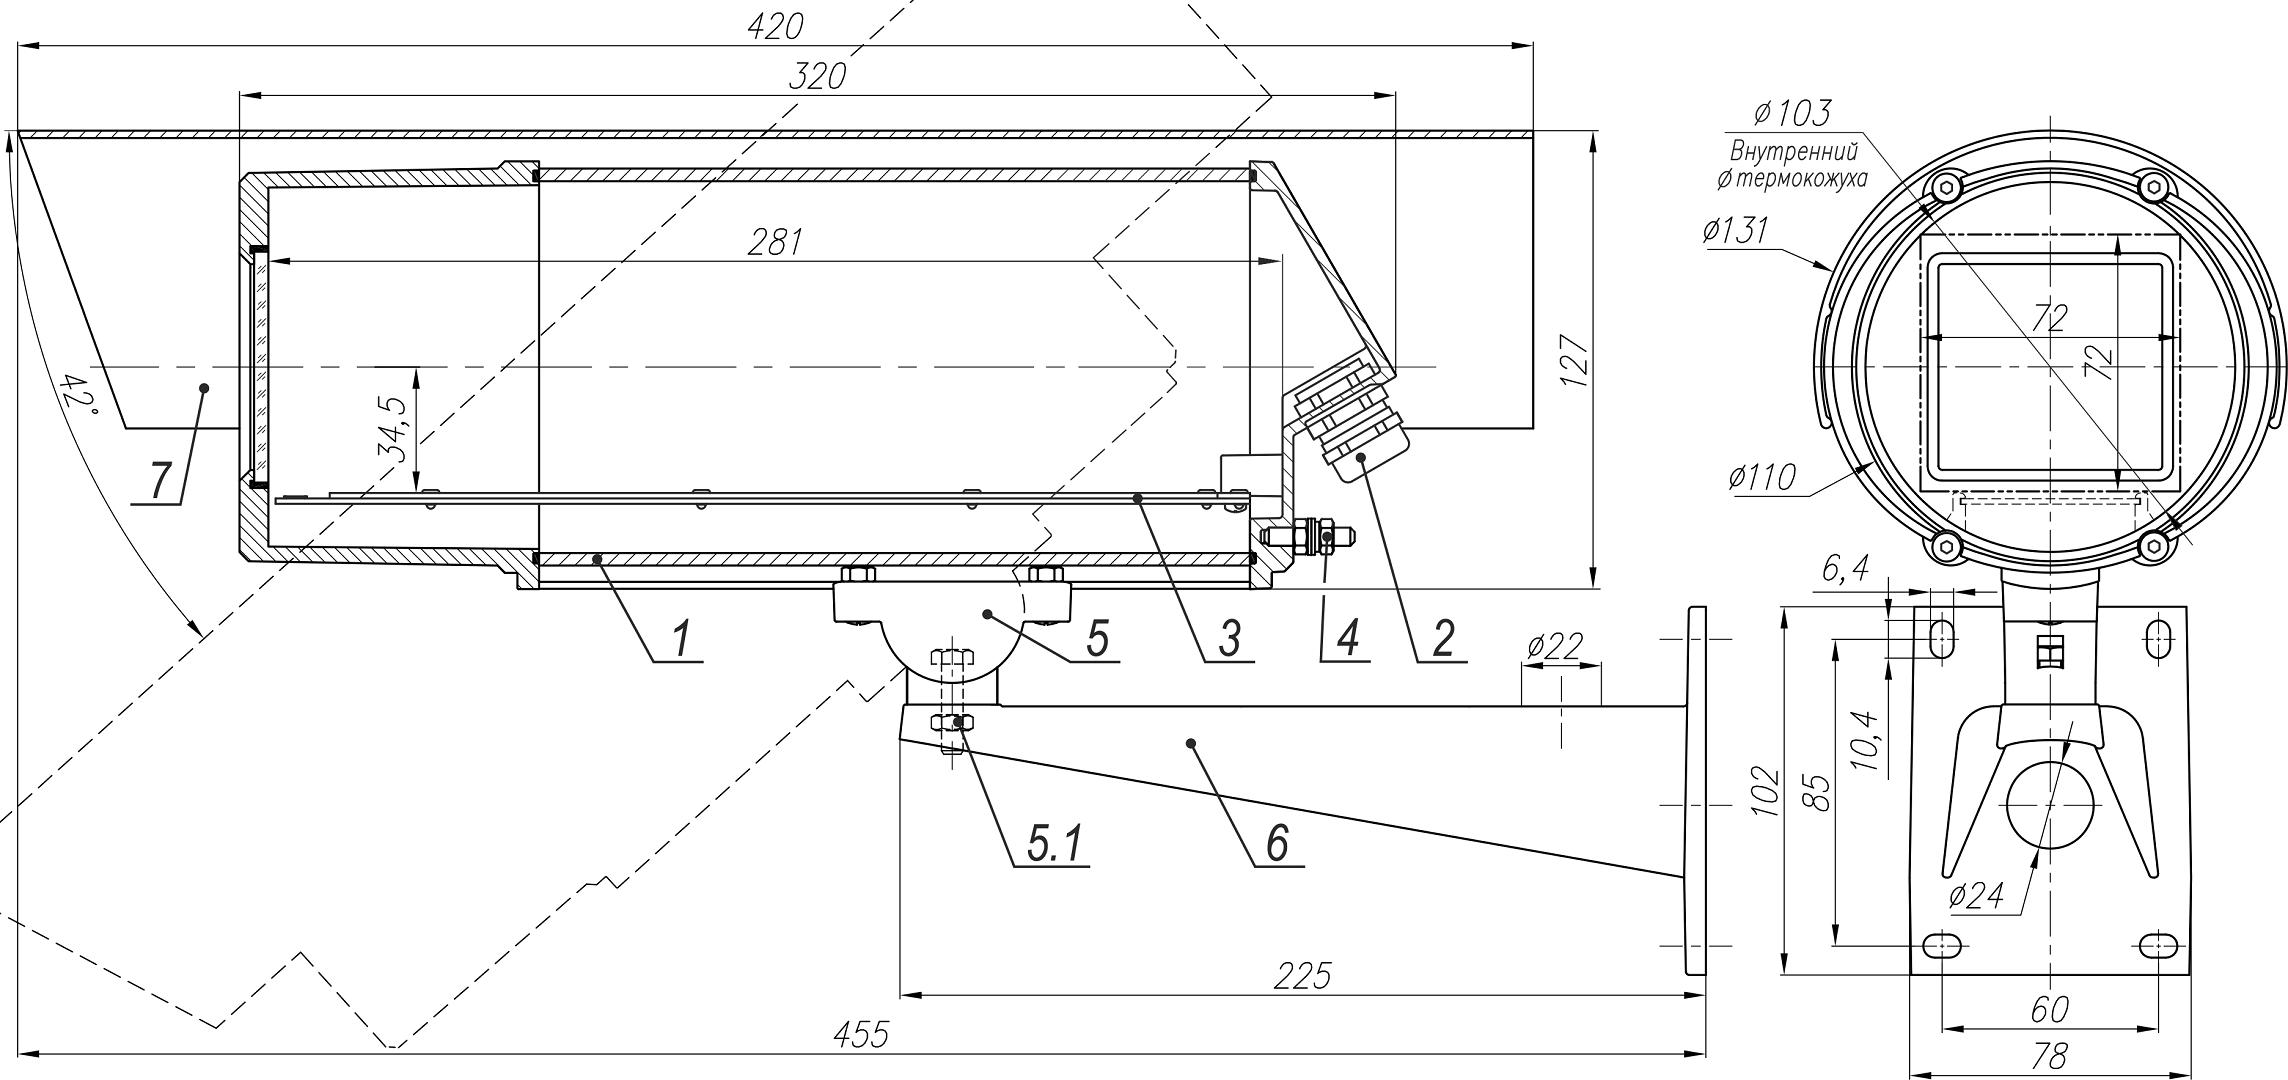 Термокожух <br>ТГБ-7-12 18